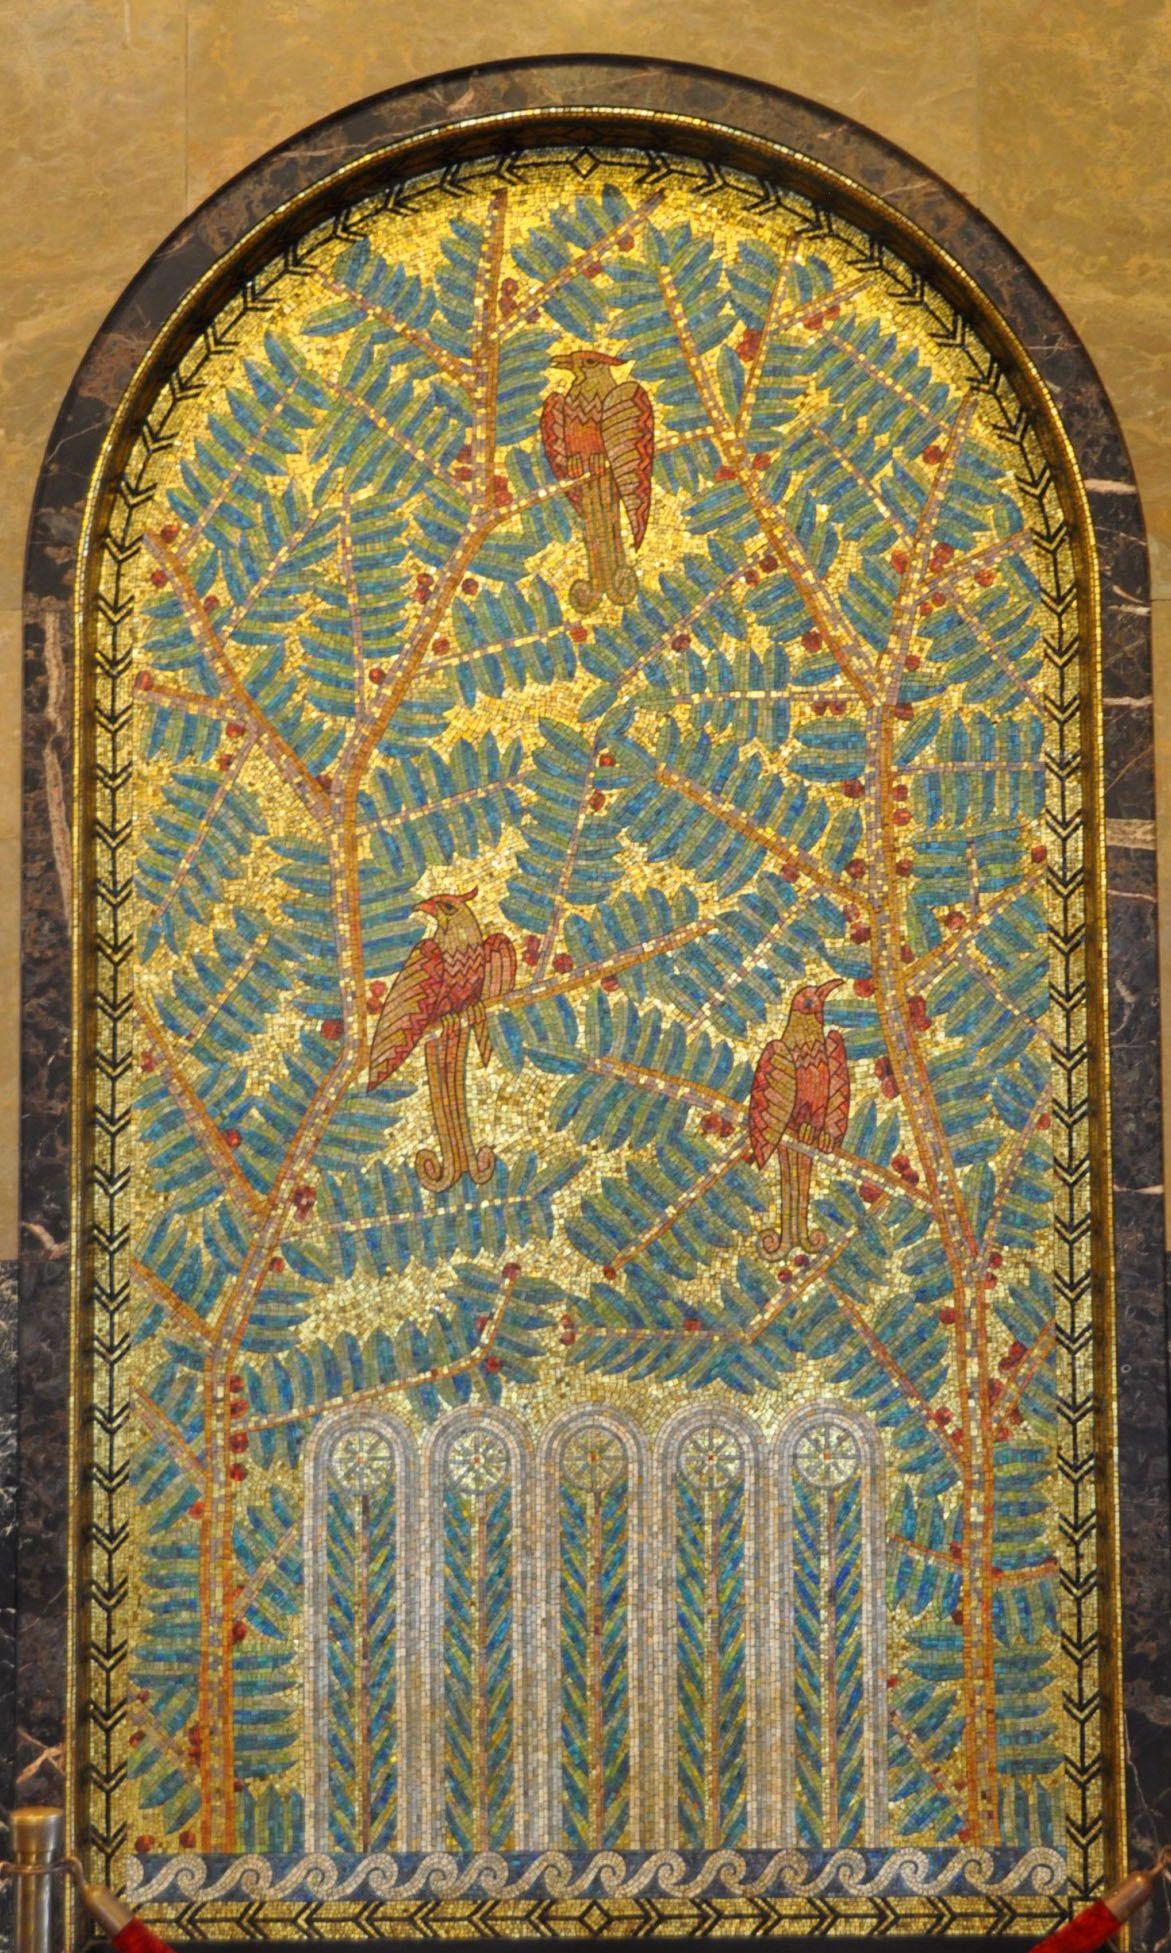 Art Déco - Le 'Fisher Building' - Détroit  - Michigan Albert Kahn - 1928 - Intérieurs - Panneau Mural - Mosaiques